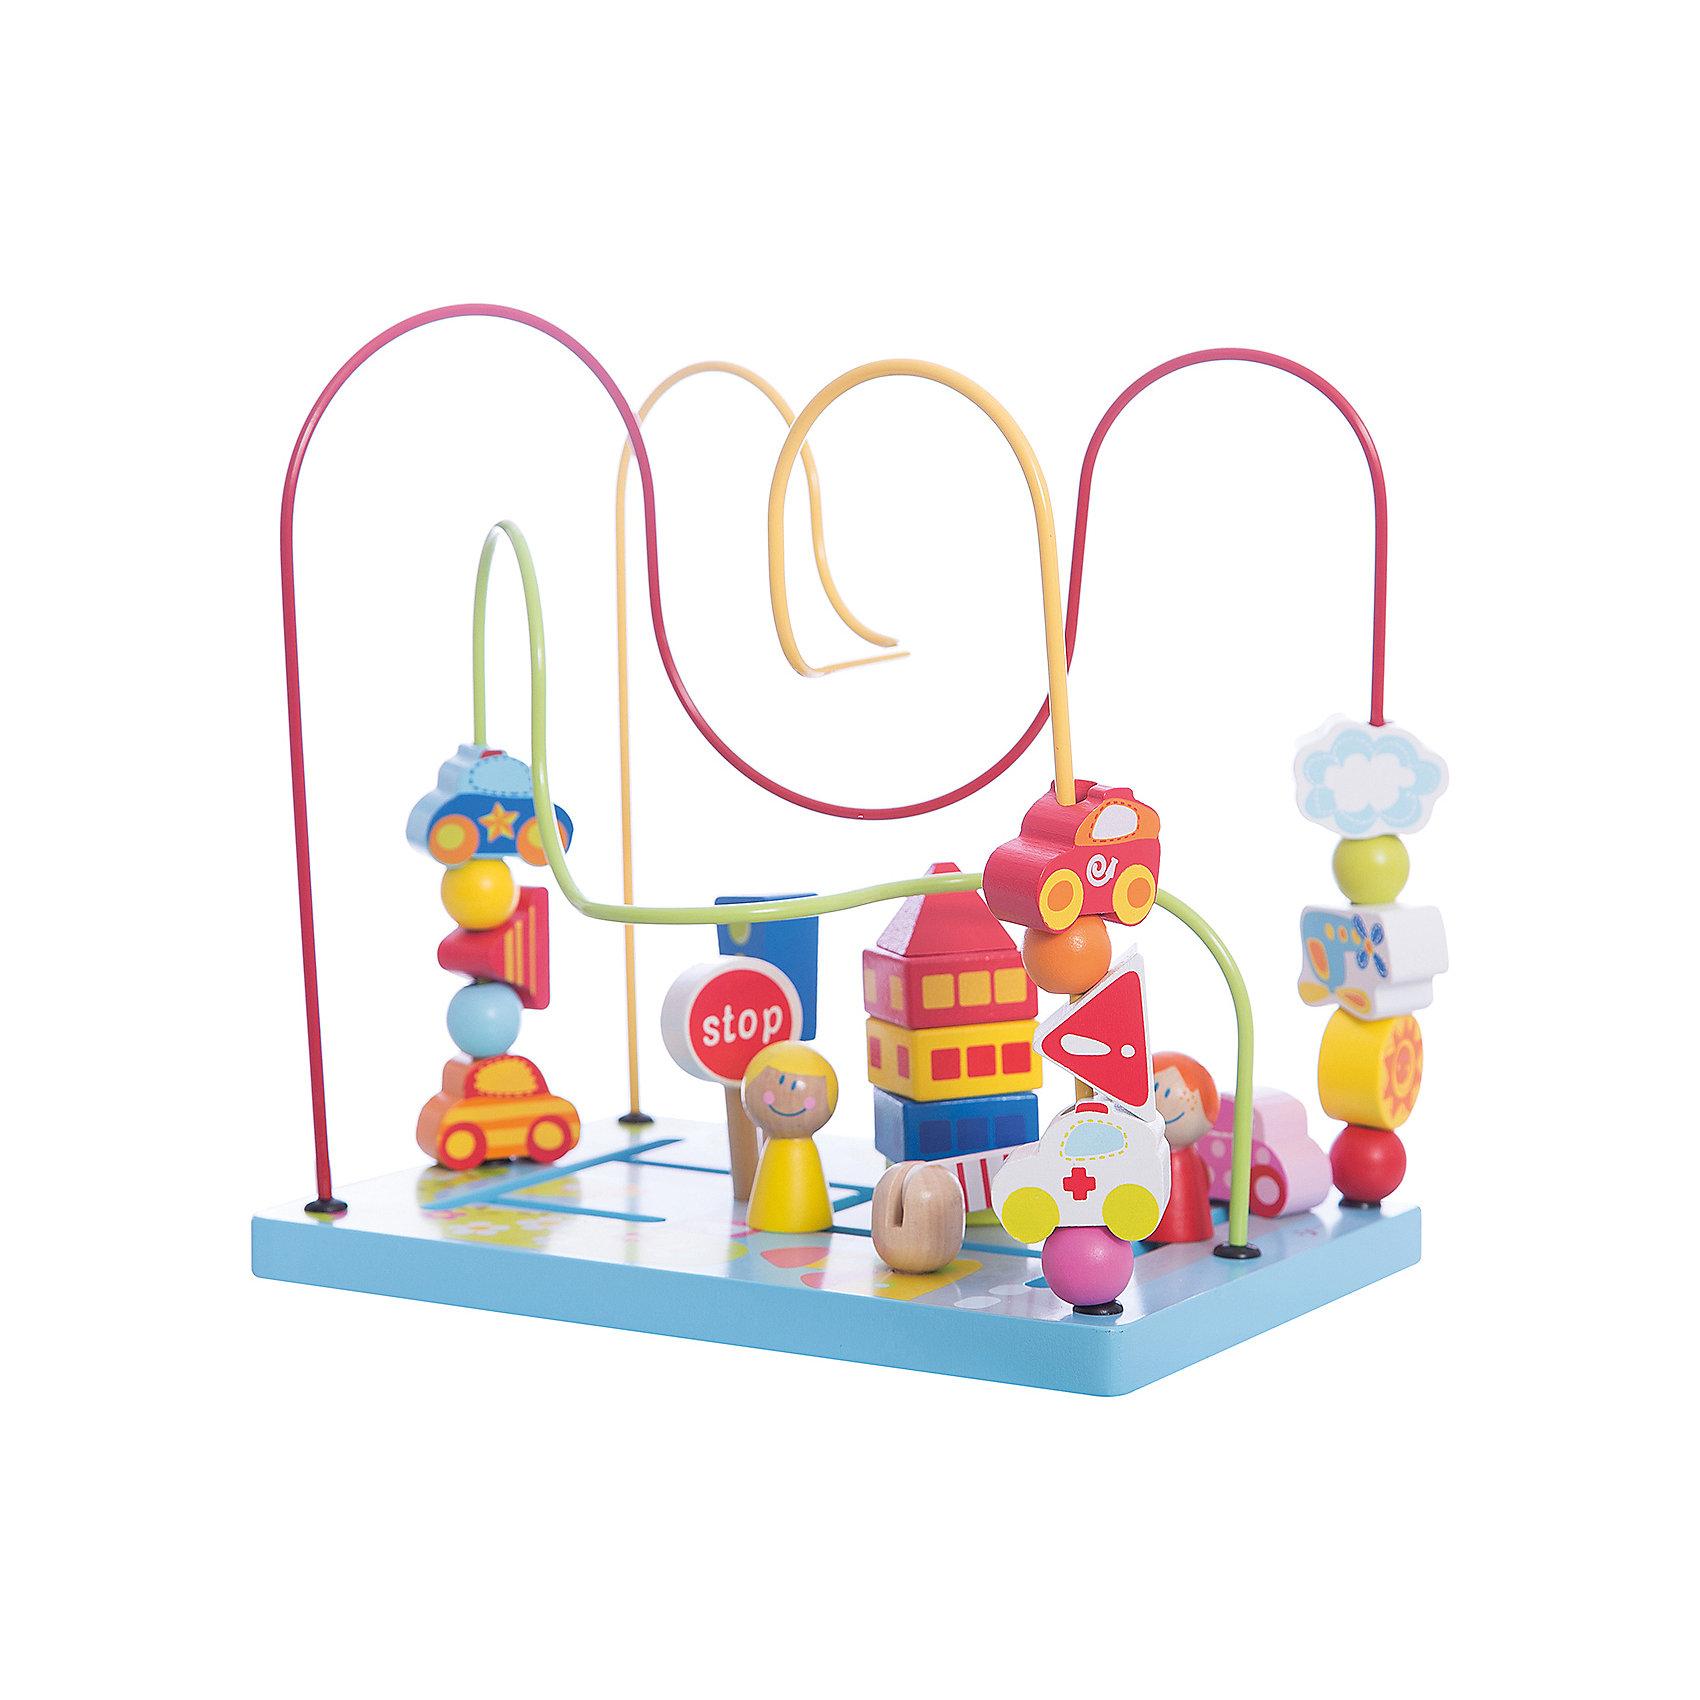 Сортер-лабиринт «Цветочные горки Classic WorldЛабиринты<br>Познакомить своего малыша с фигурами и формами, а также развить его пространственное мышление вам поможет отличная развивающая игрушка - сортер- лабиринт «Шоссе».<br>Малышам понравится перекатывать яркие фигурки по изогнутым в разных плоскостях проволокам.<br><br>Ширина мм: 285<br>Глубина мм: 285<br>Высота мм: 210<br>Вес г: 1200<br>Возраст от месяцев: 12<br>Возраст до месяцев: 2147483647<br>Пол: Унисекс<br>Возраст: Детский<br>SKU: 7044534